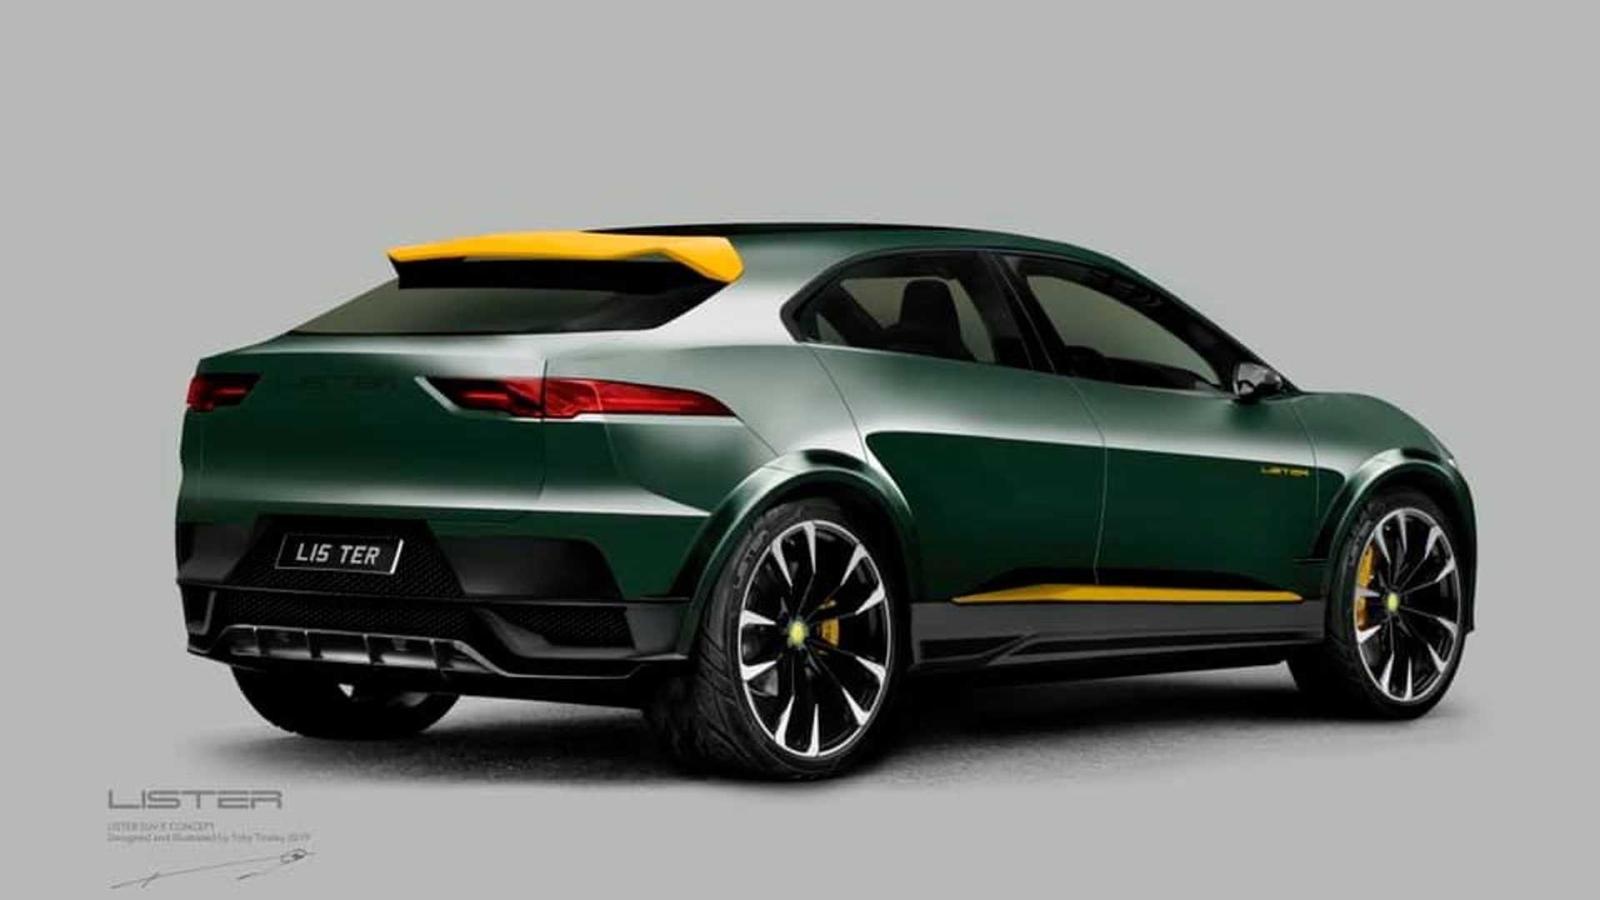 lister-suv-e-concept-jaguar-i-pace 4